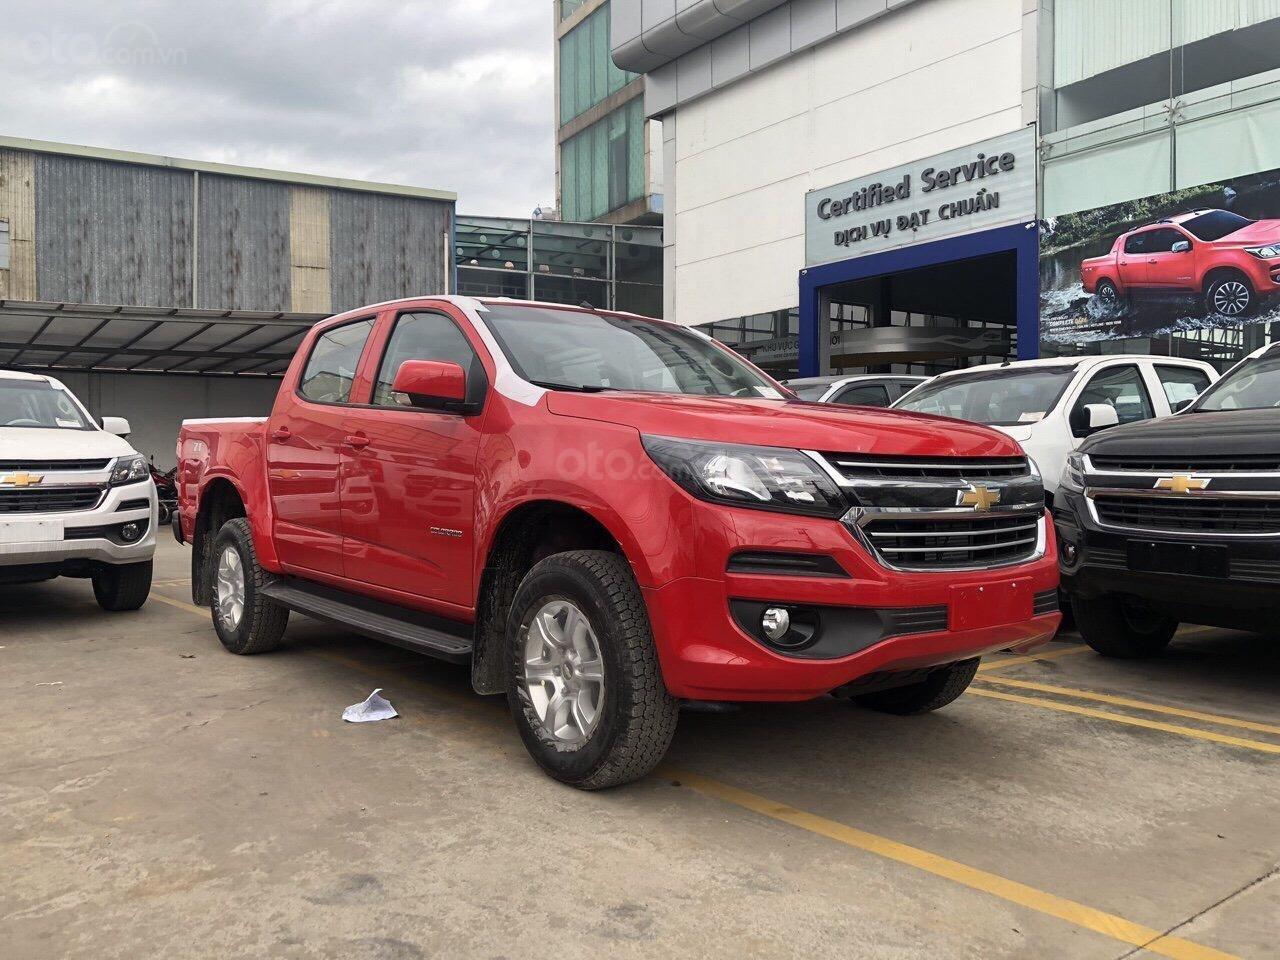 Bán Chevrolet Colorado 2.5L 4x4 AT LTZ, sản xuất năm 2018, giá 789tr, xe mới 100%, giao ngay-0